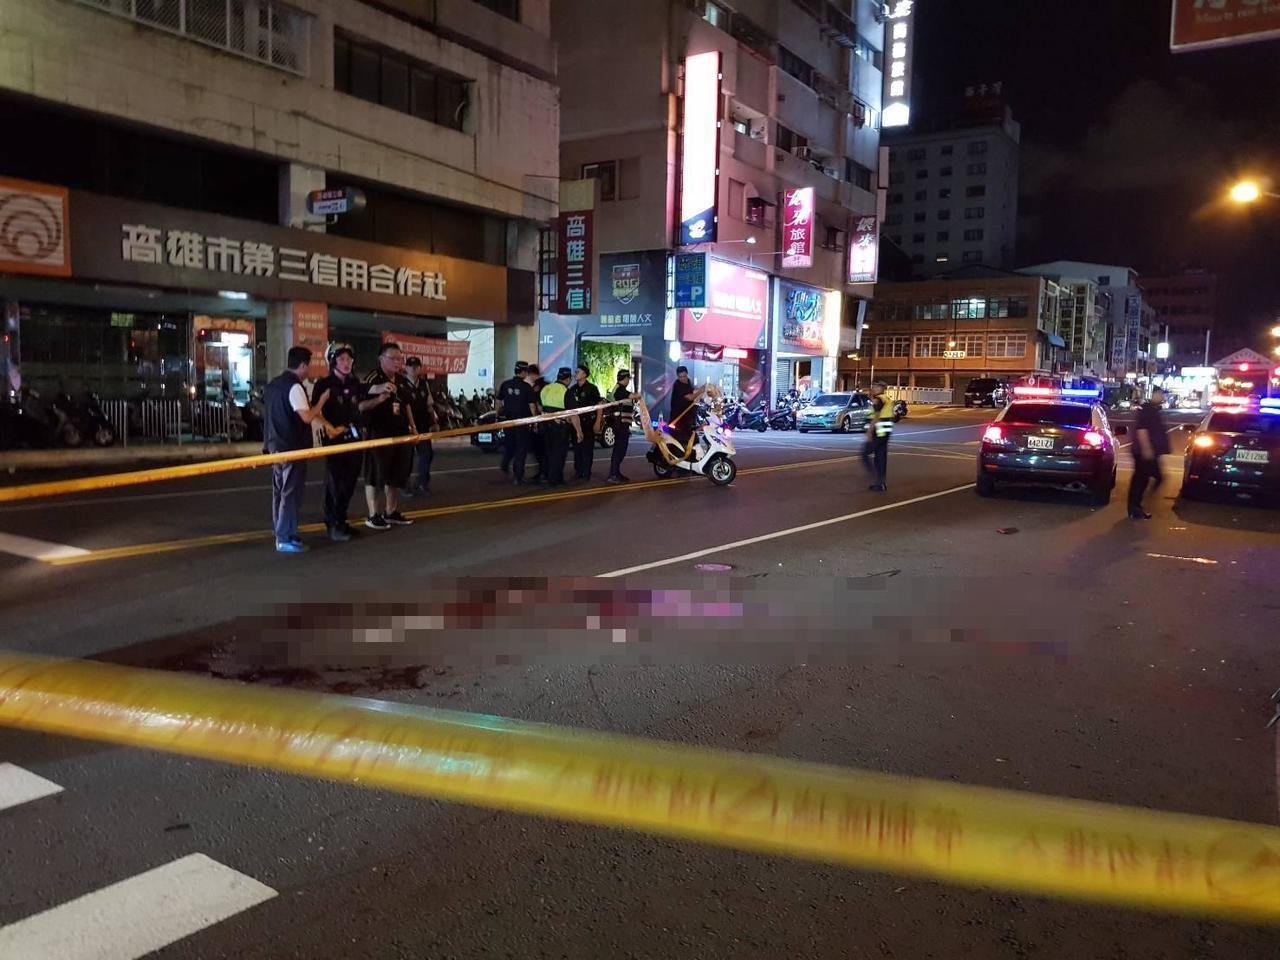 陳姓男子涉嫌刺殺勸架的人,警方在街頭拉起封鎖線。記者林保光/翻攝